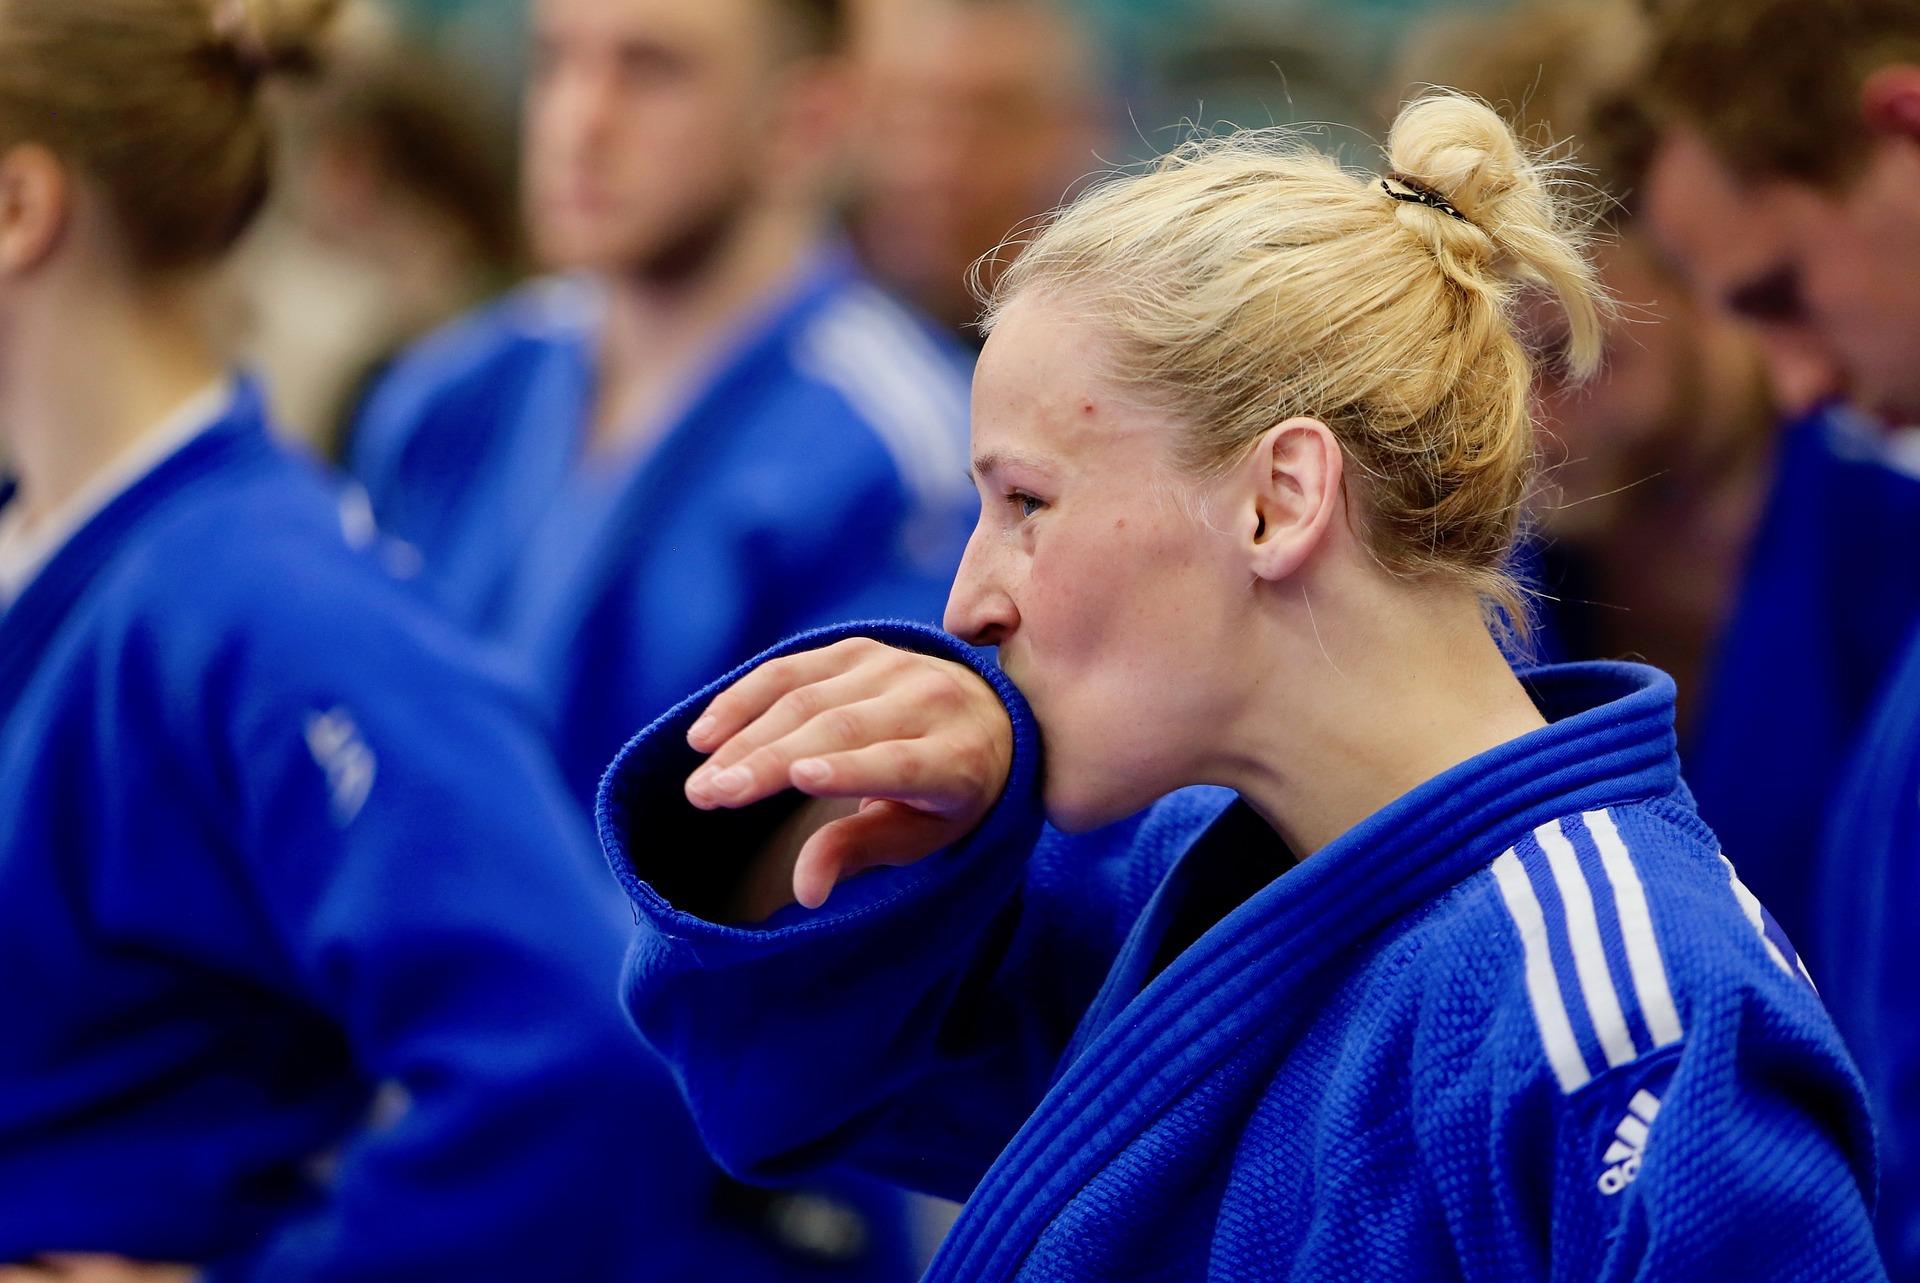 judo-4101576_1920